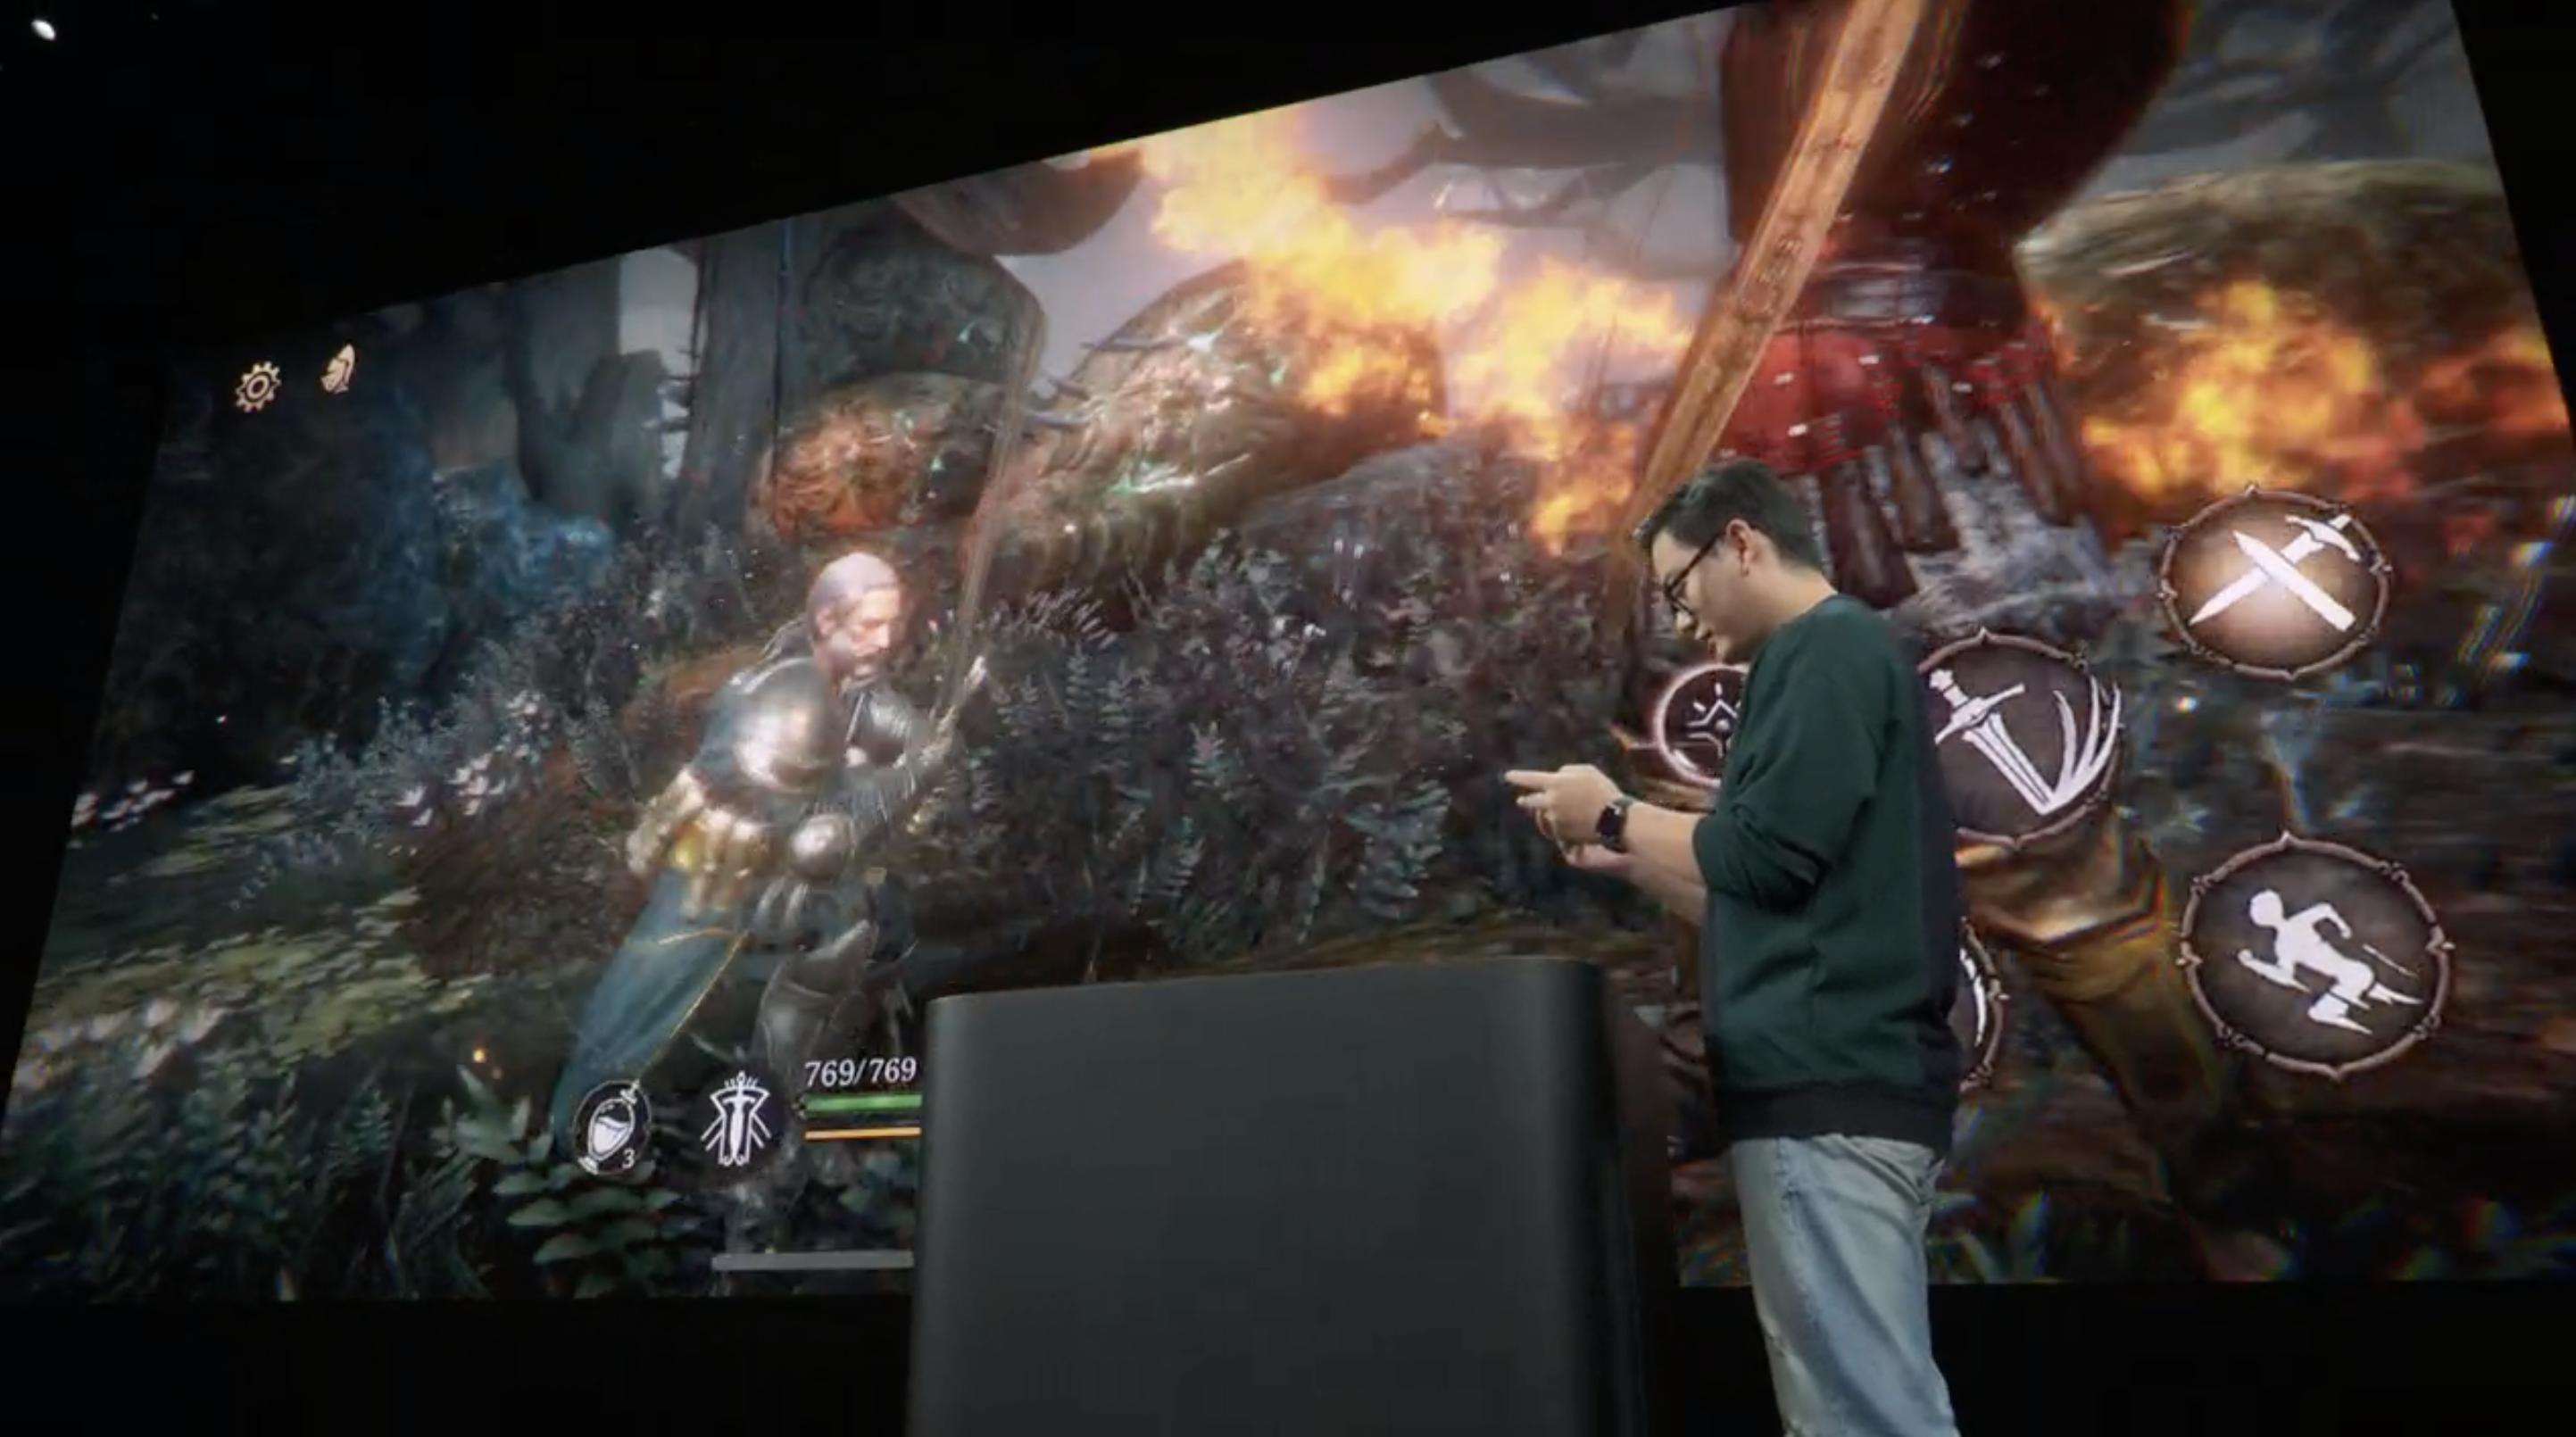 Juego que muestra la potencia de la GPU del A13